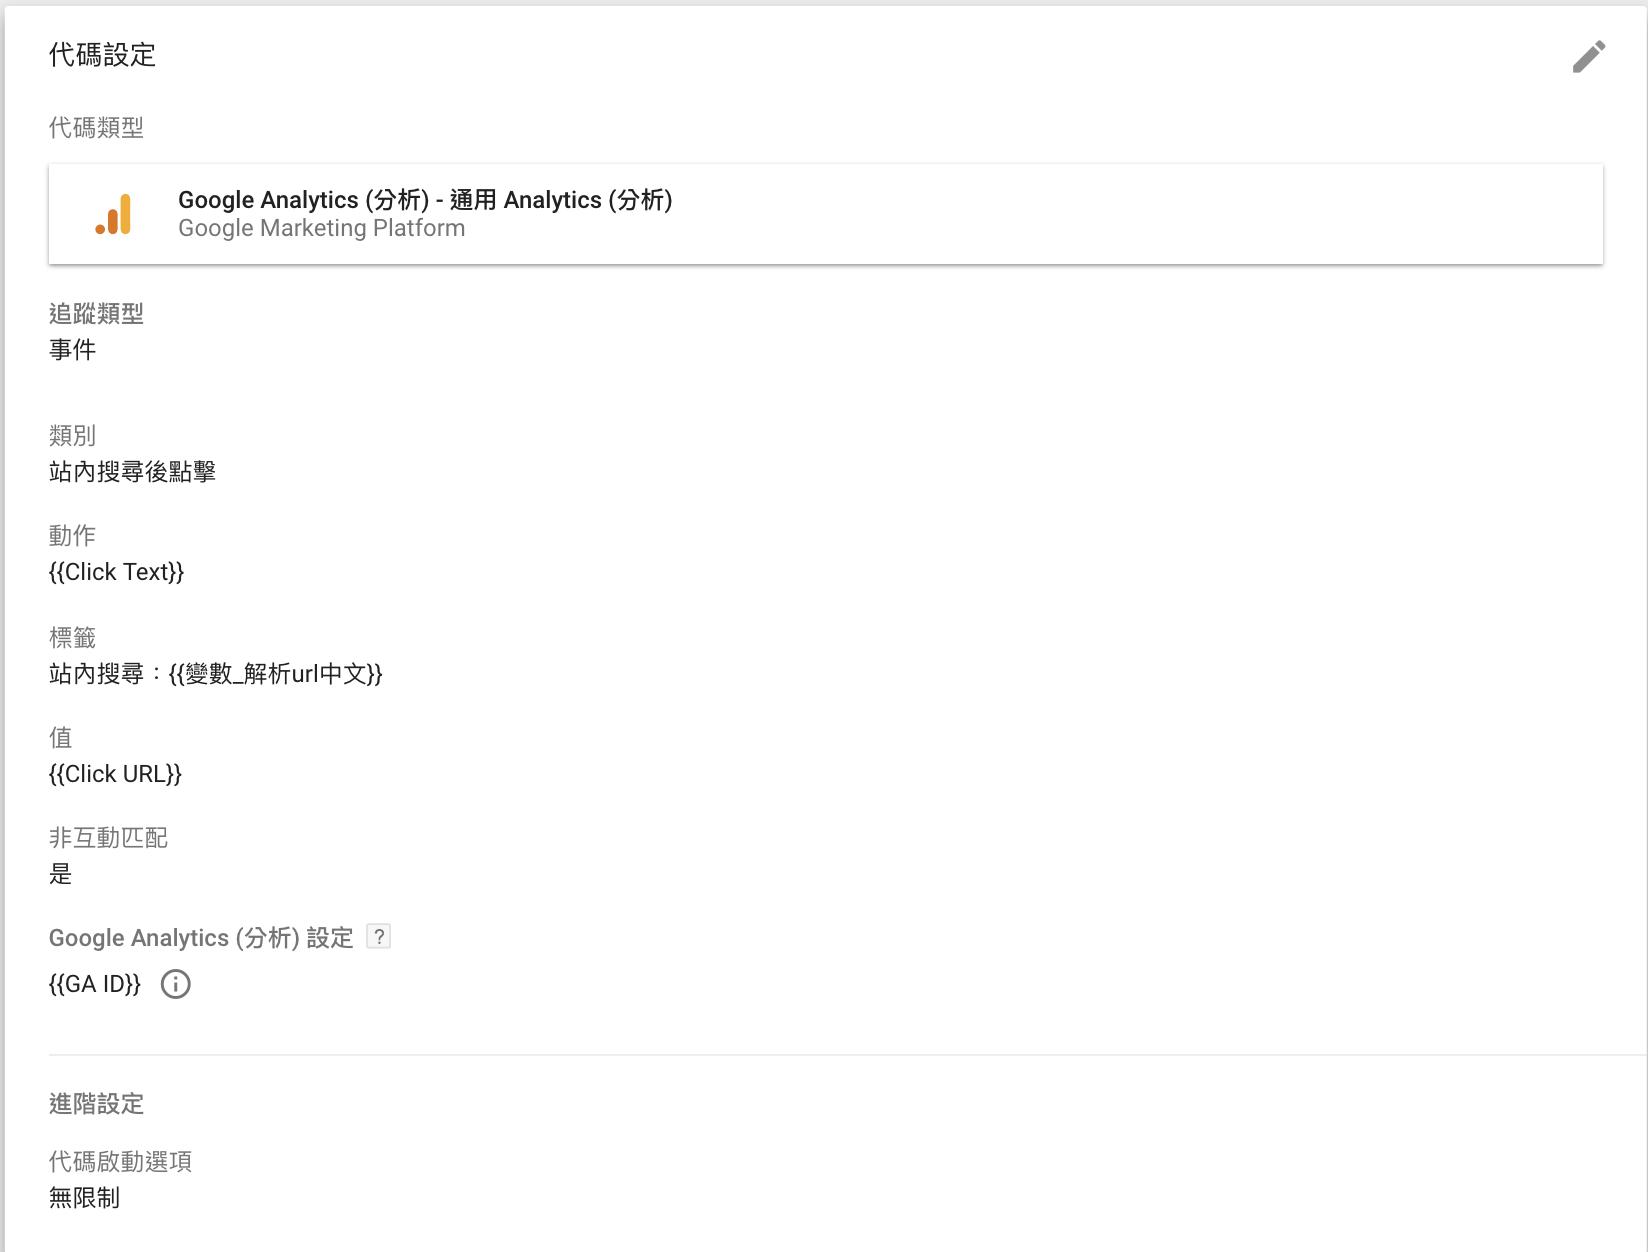 GTM_站內搜尋_代碼設定